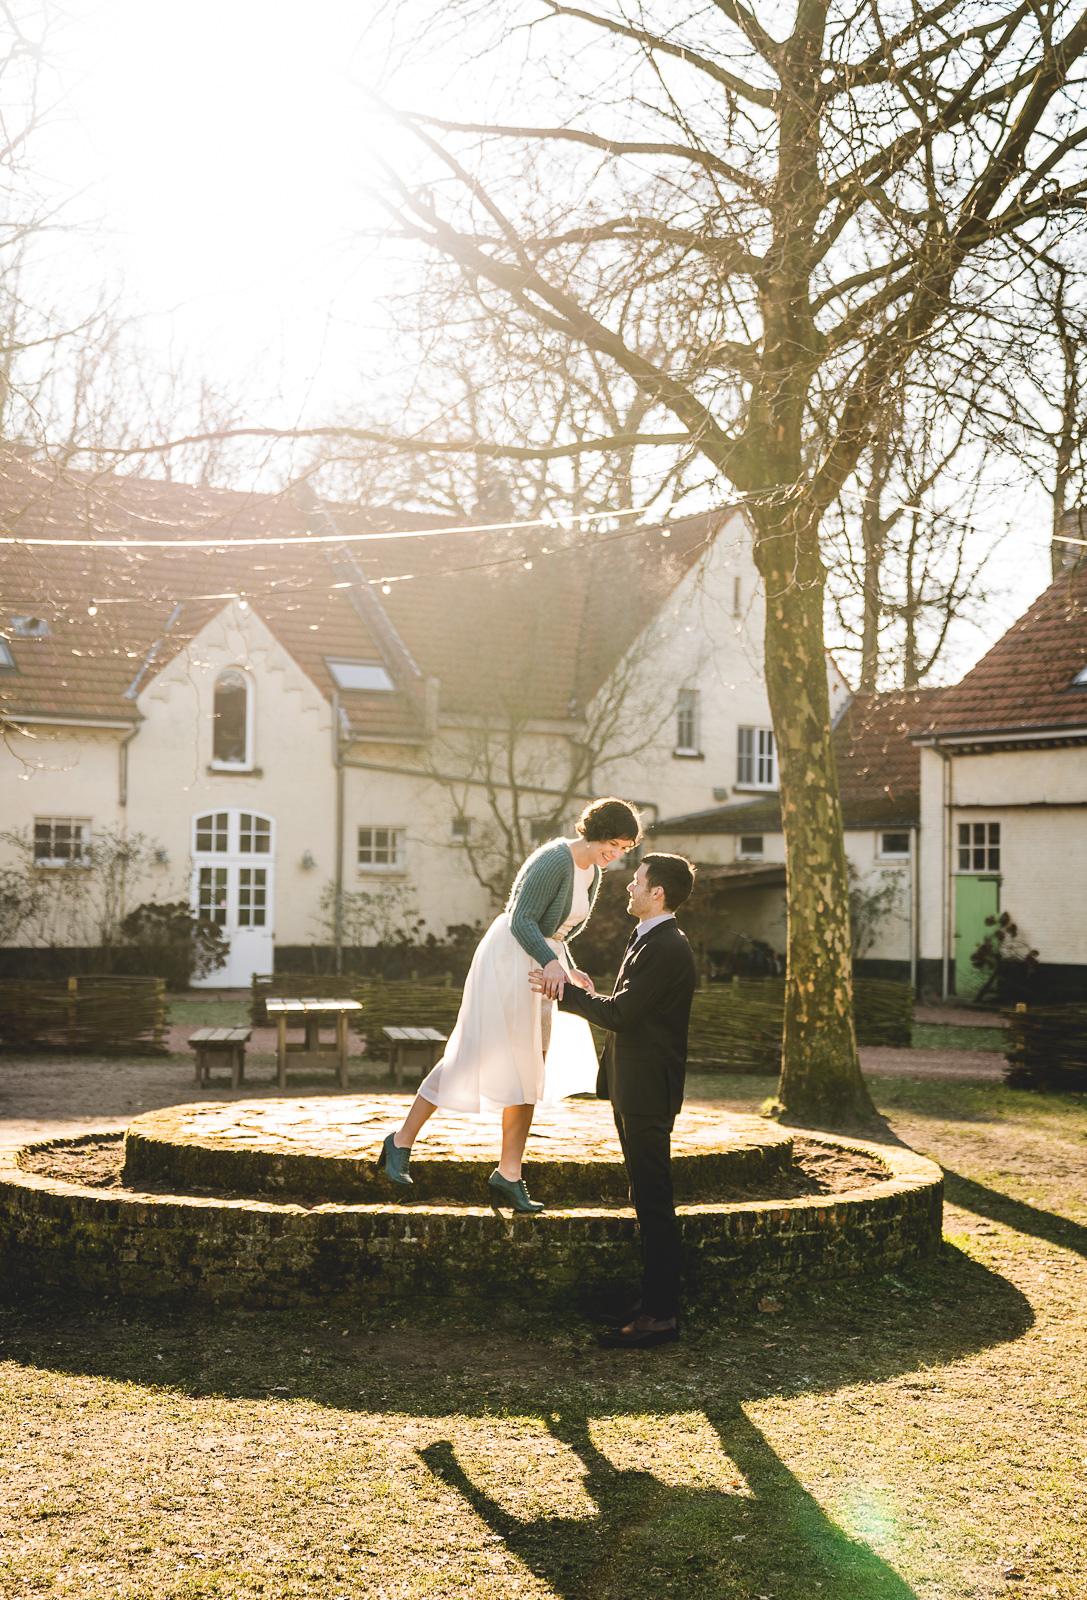 trouwen in de winter boerderij